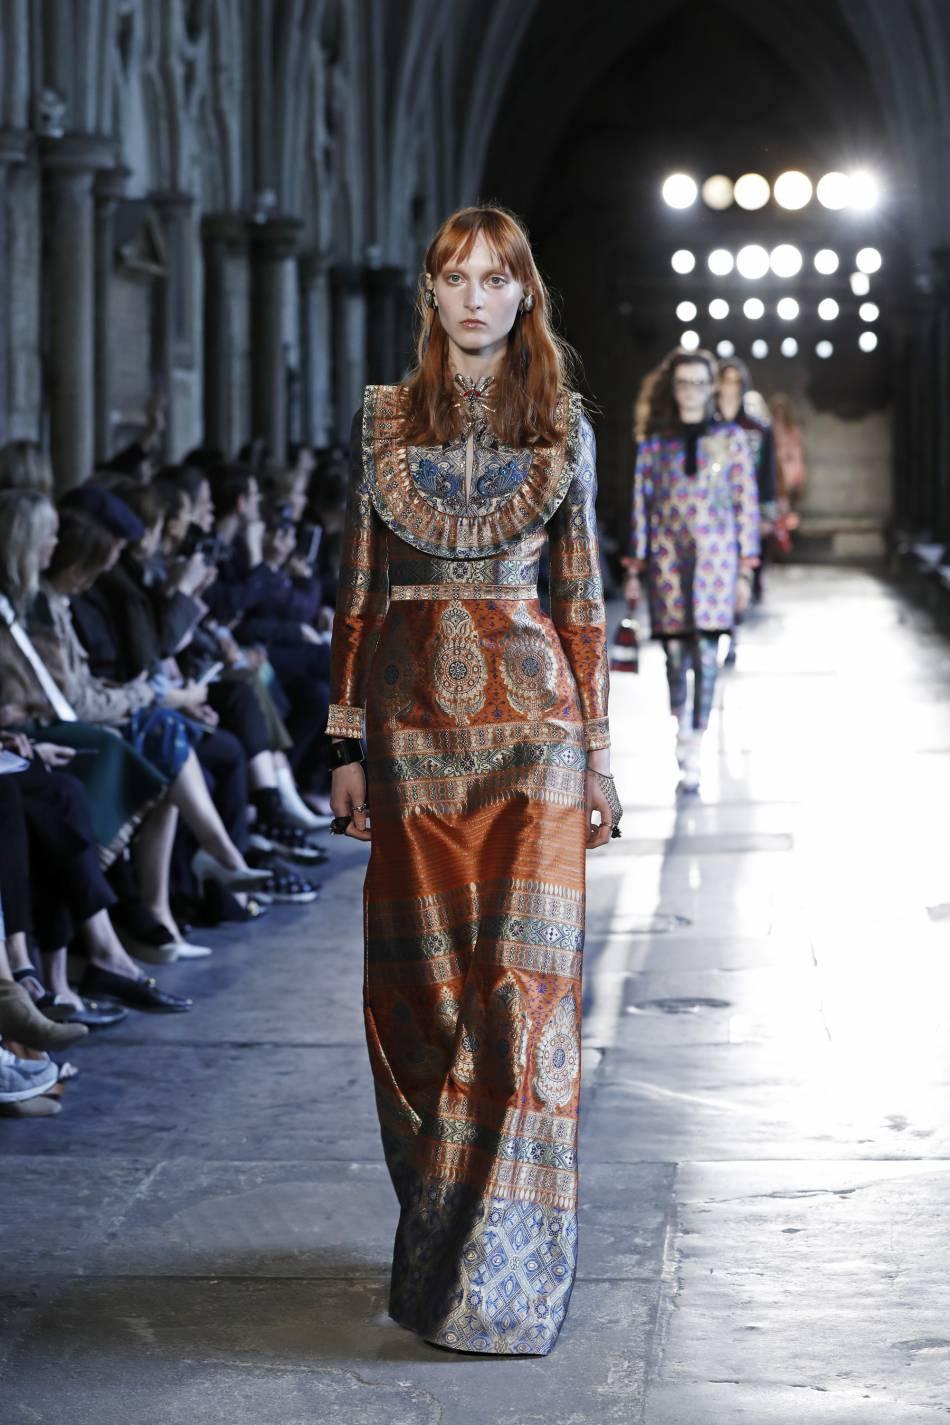 Col d'une beauté absolu pour un look très réussi sur le défilé Gucci à Londres.